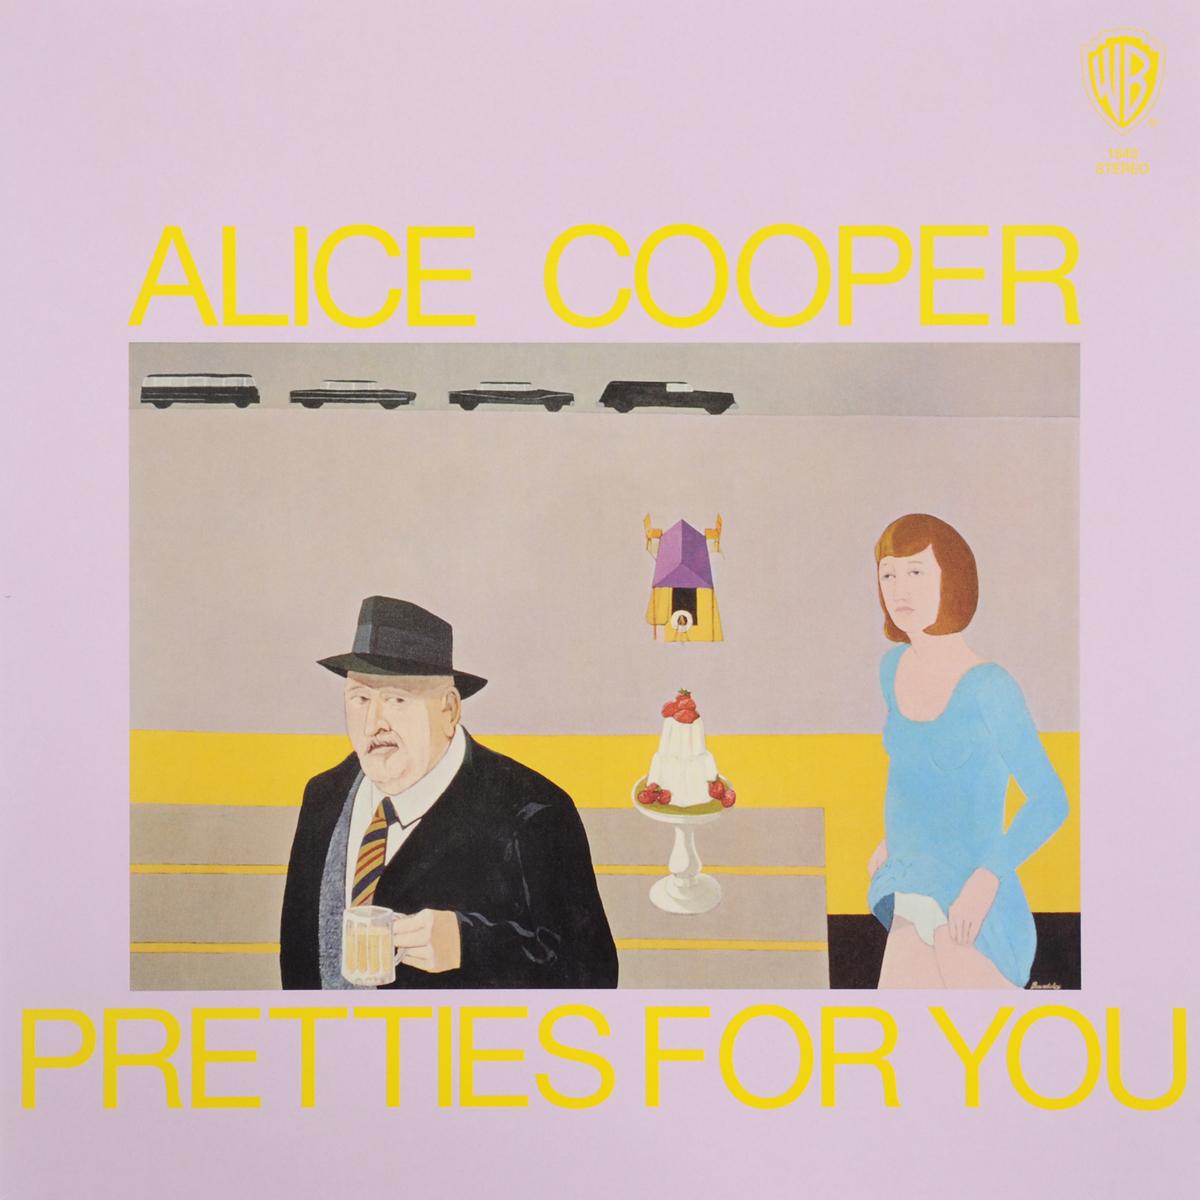 Элис Купер Alice Cooper. Pretties For You (LP) элис купер alice cooper killer lp